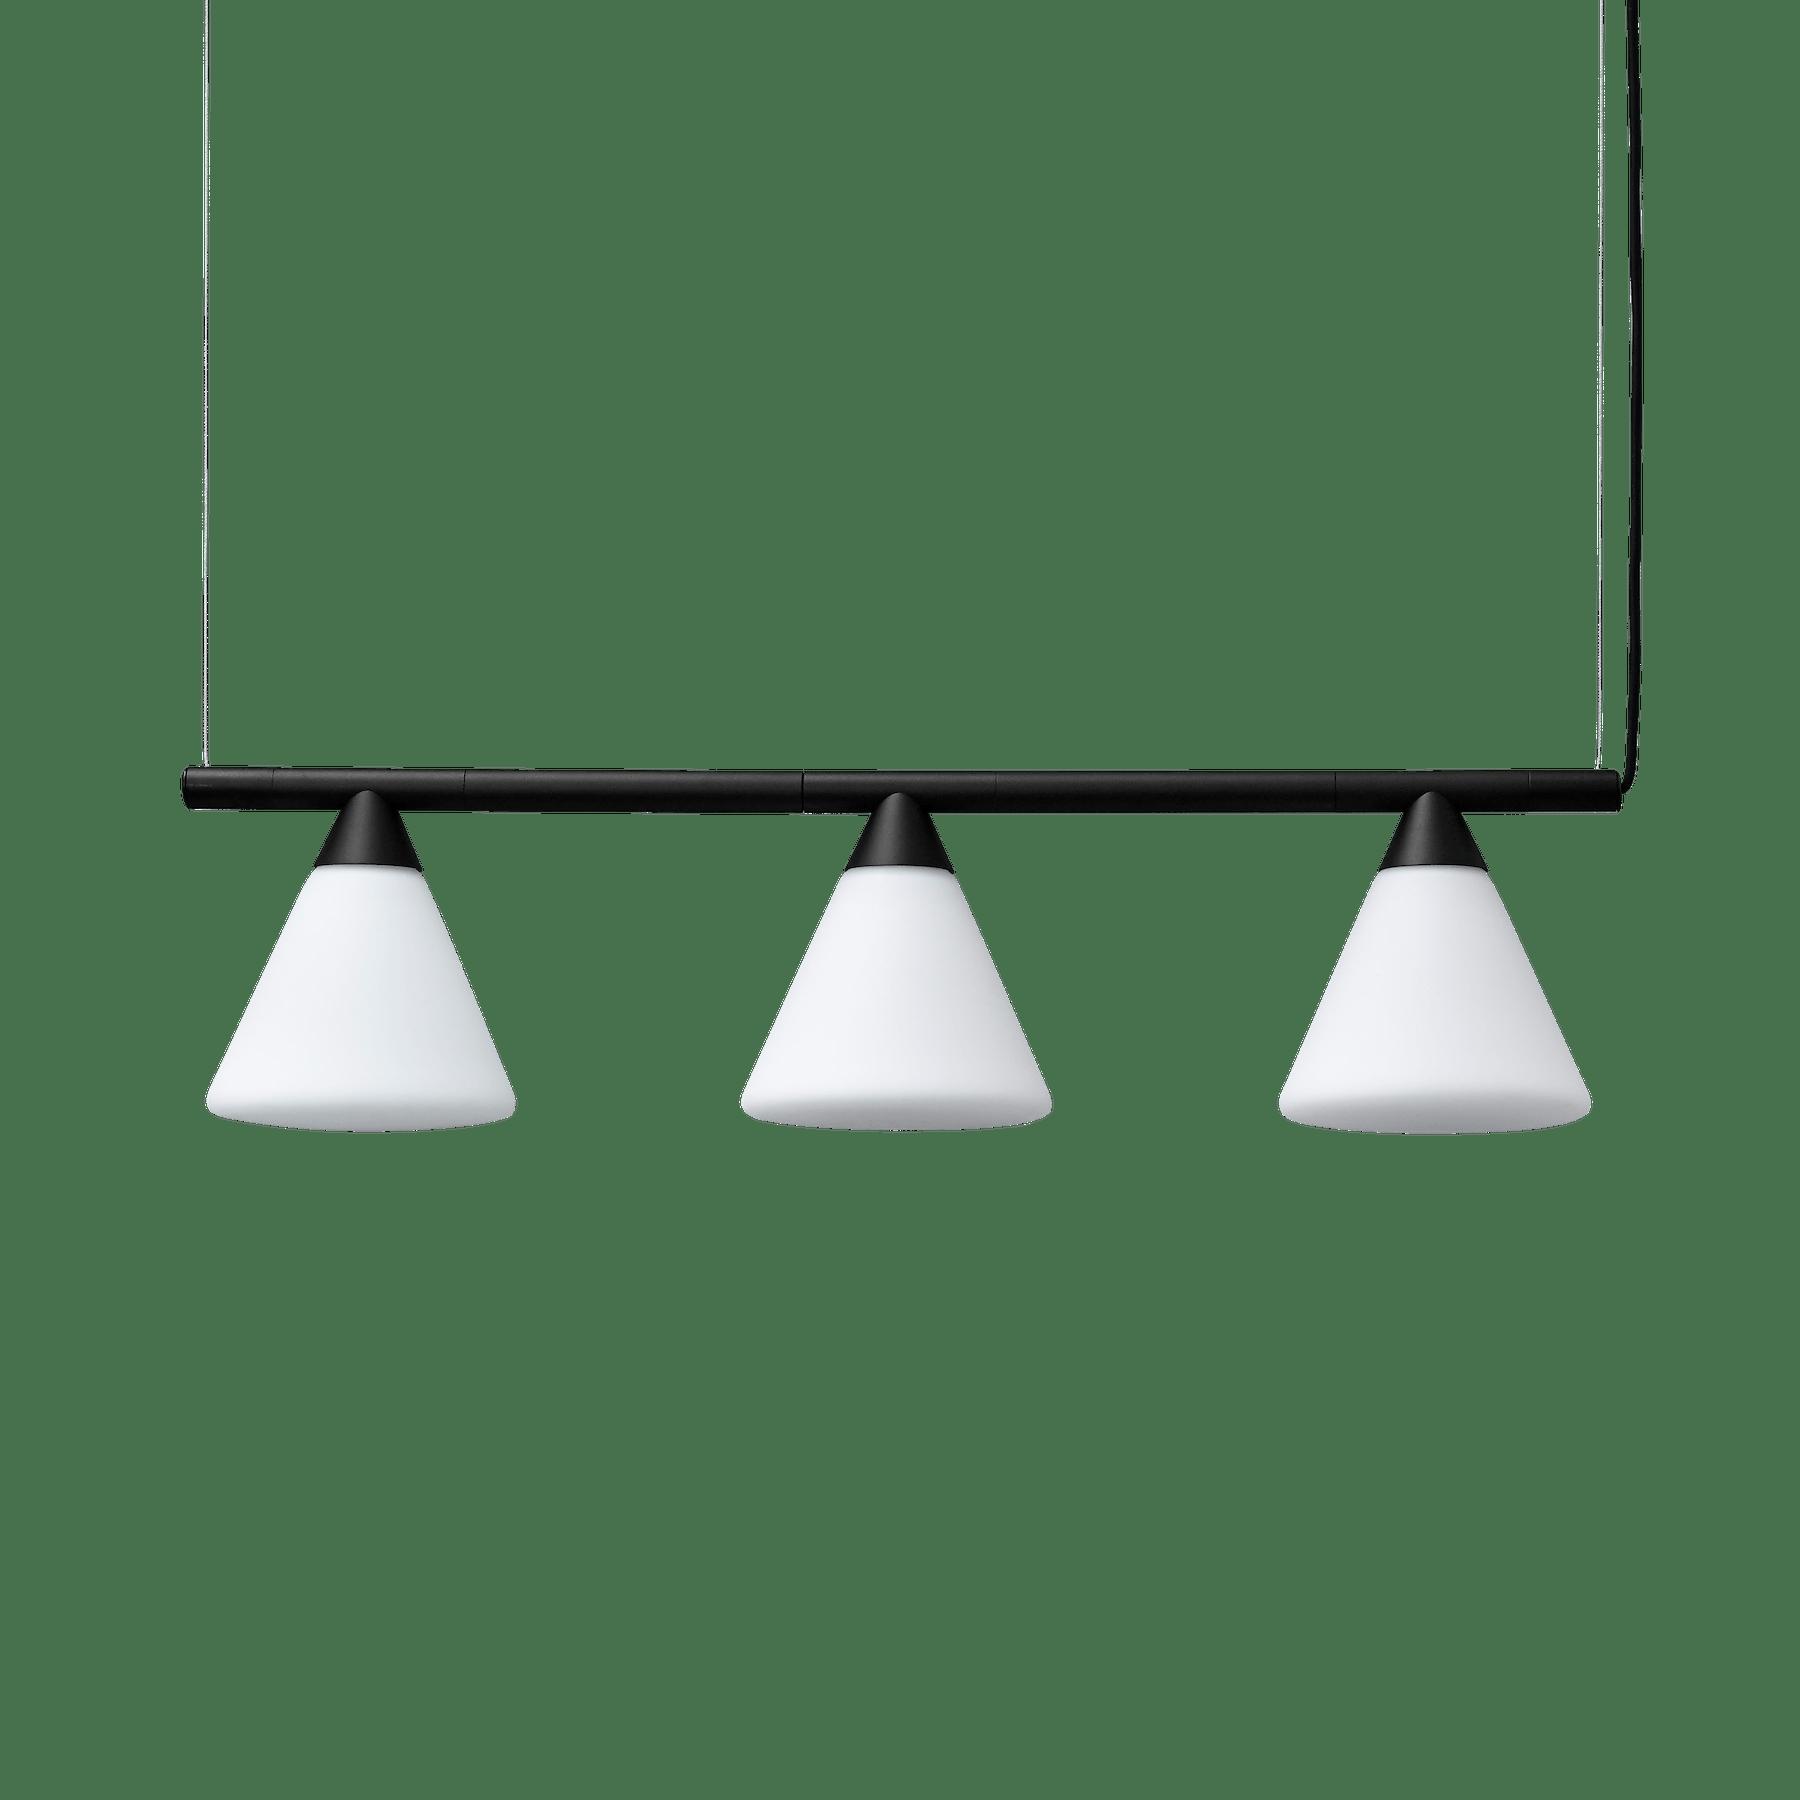 Ago lighting probe rail unlit haute living